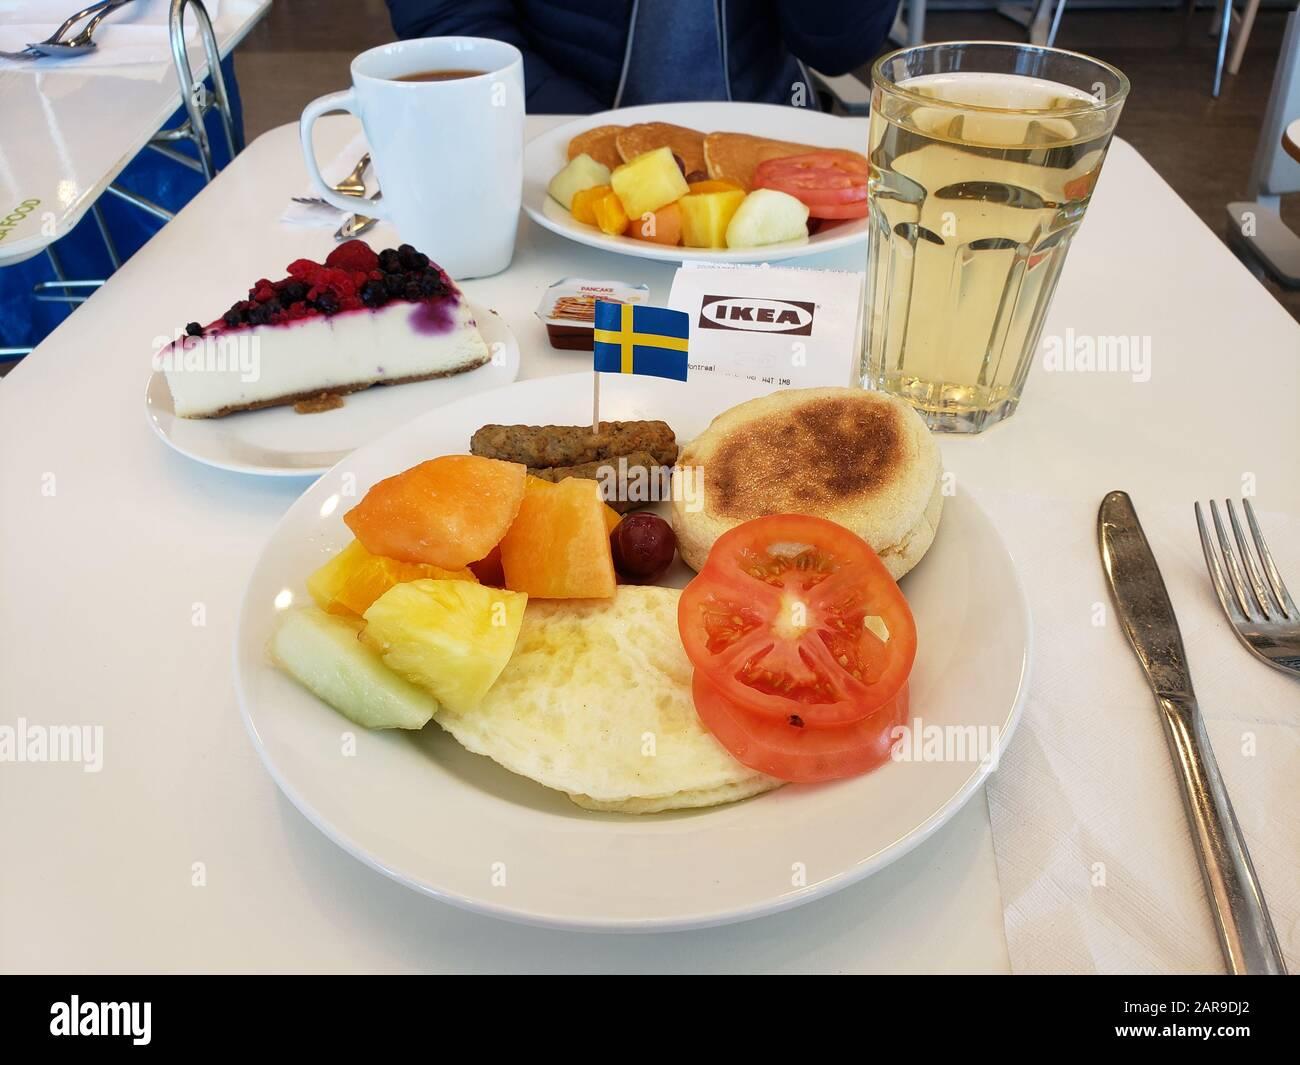 Ikea Store Usa Stockfotos Und Bilder Kaufen Alamy